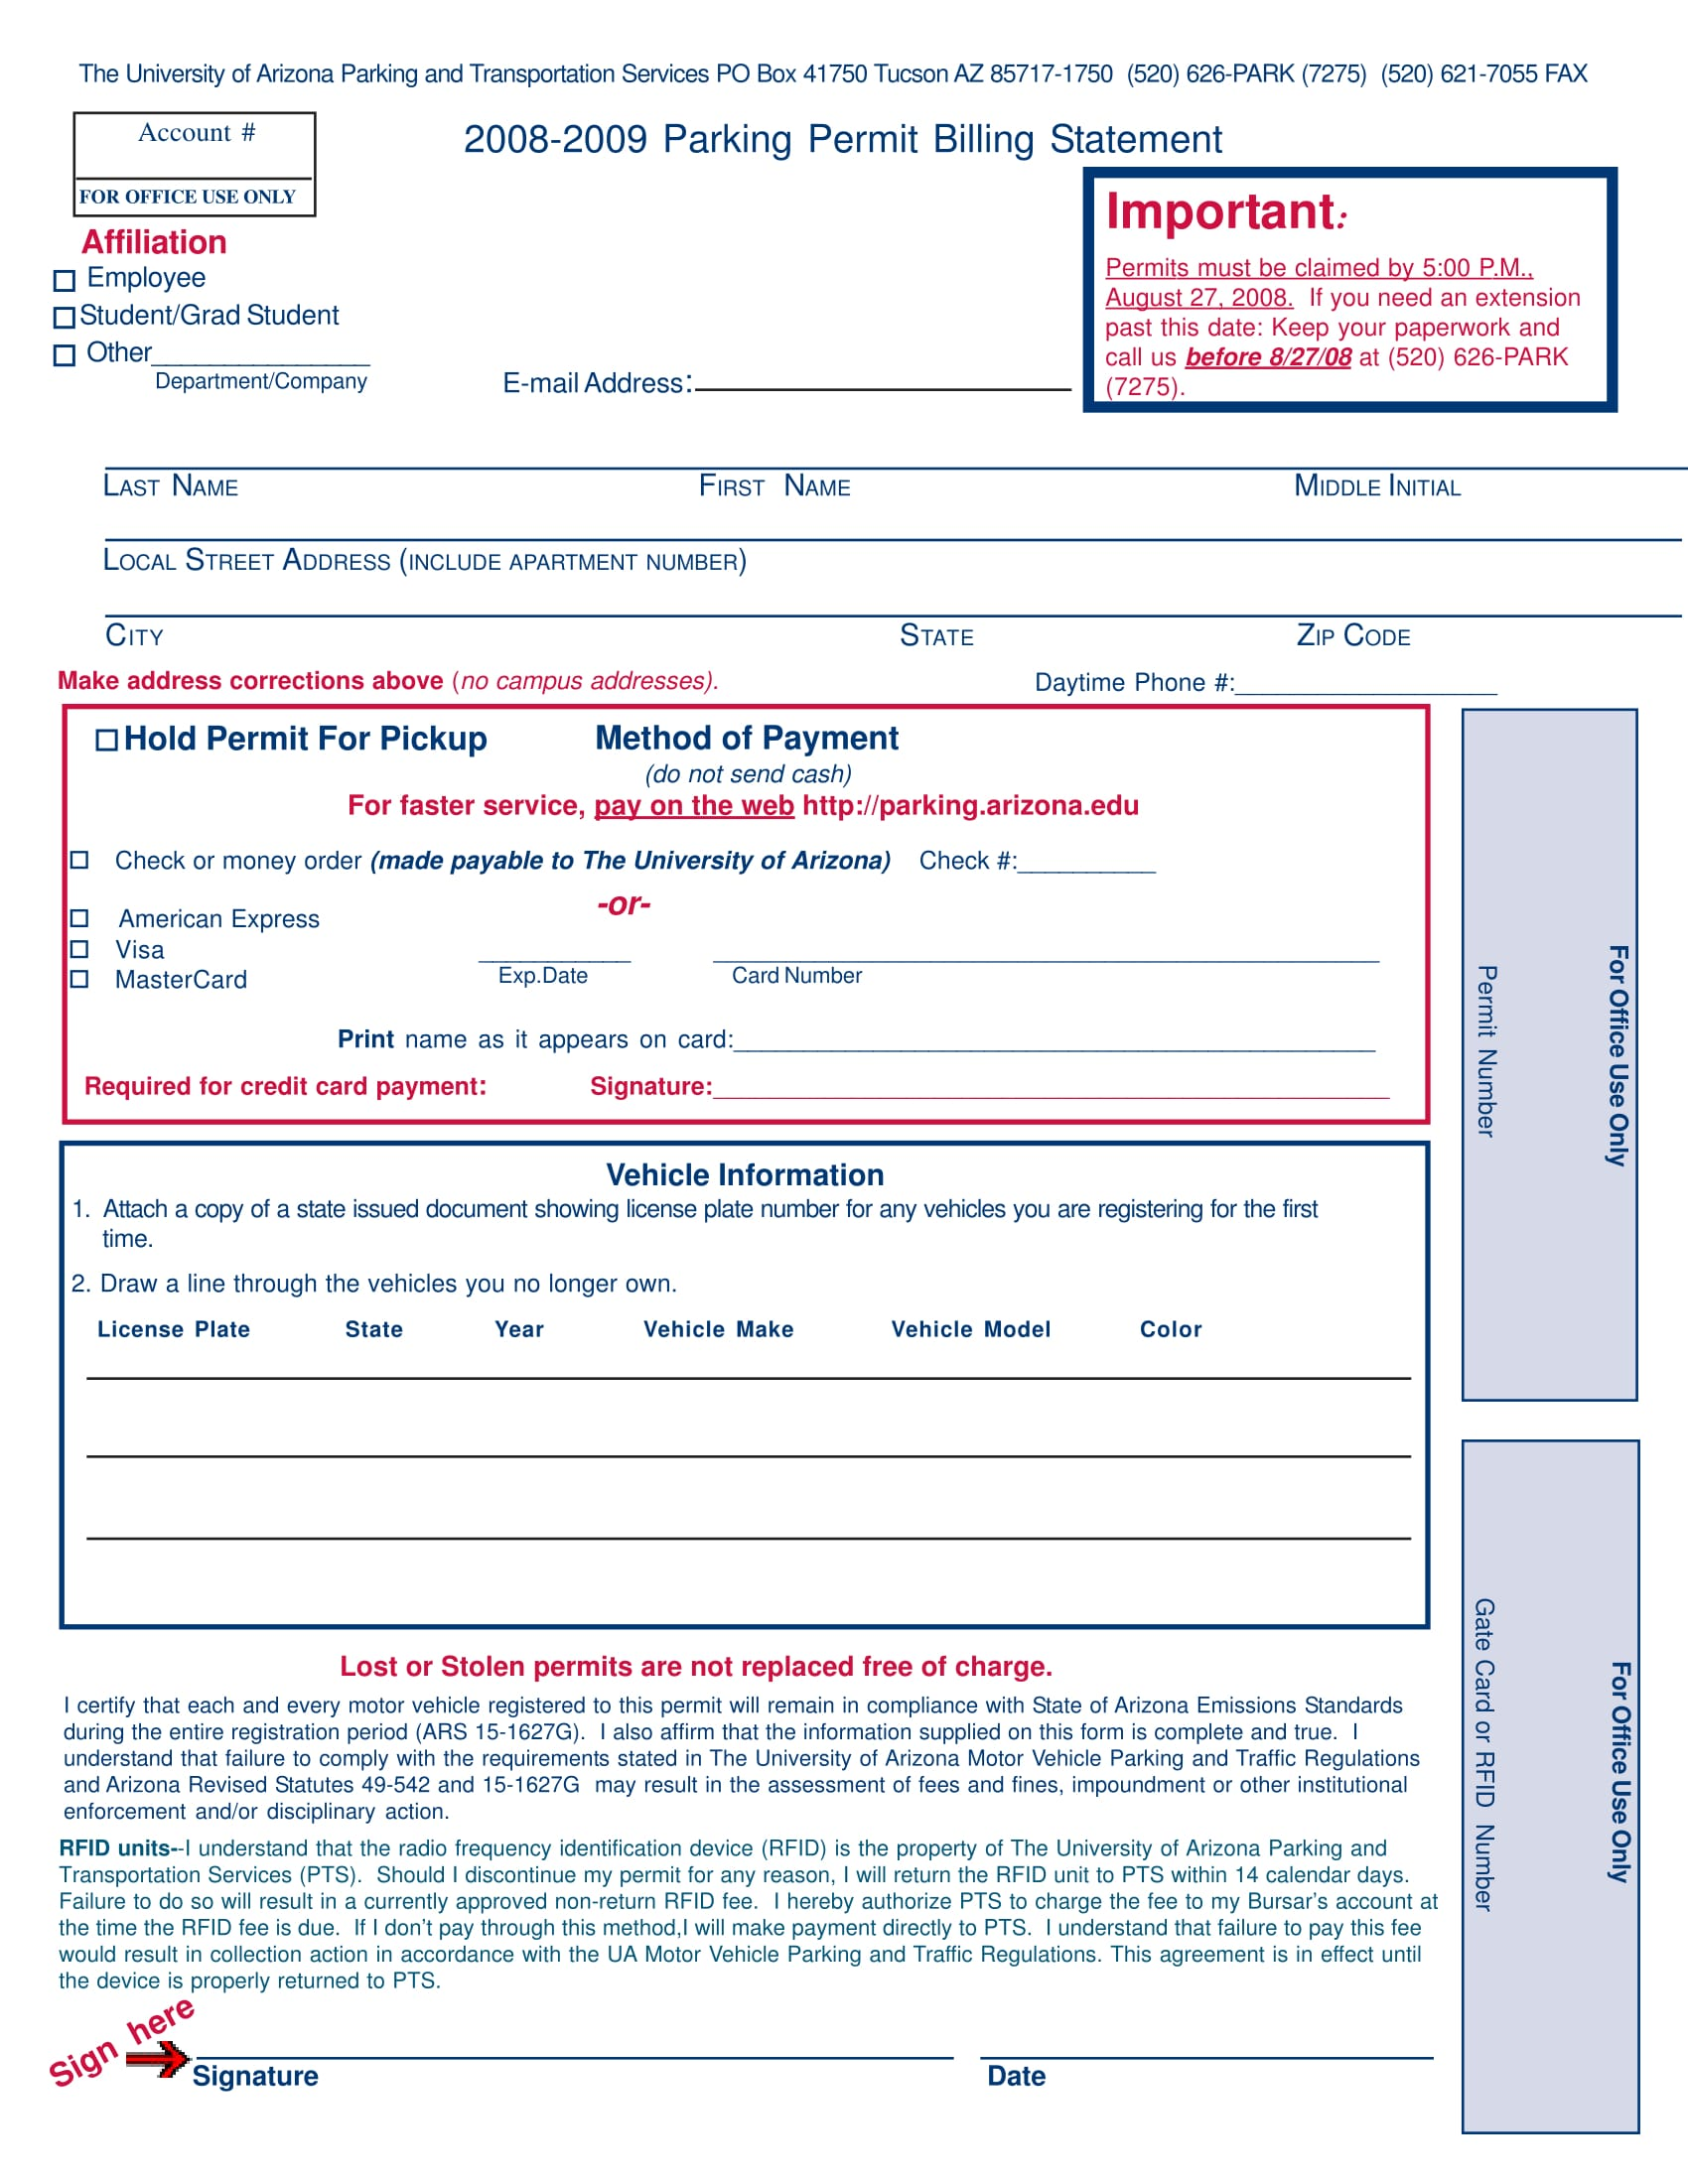 parking permit billing statement form 1